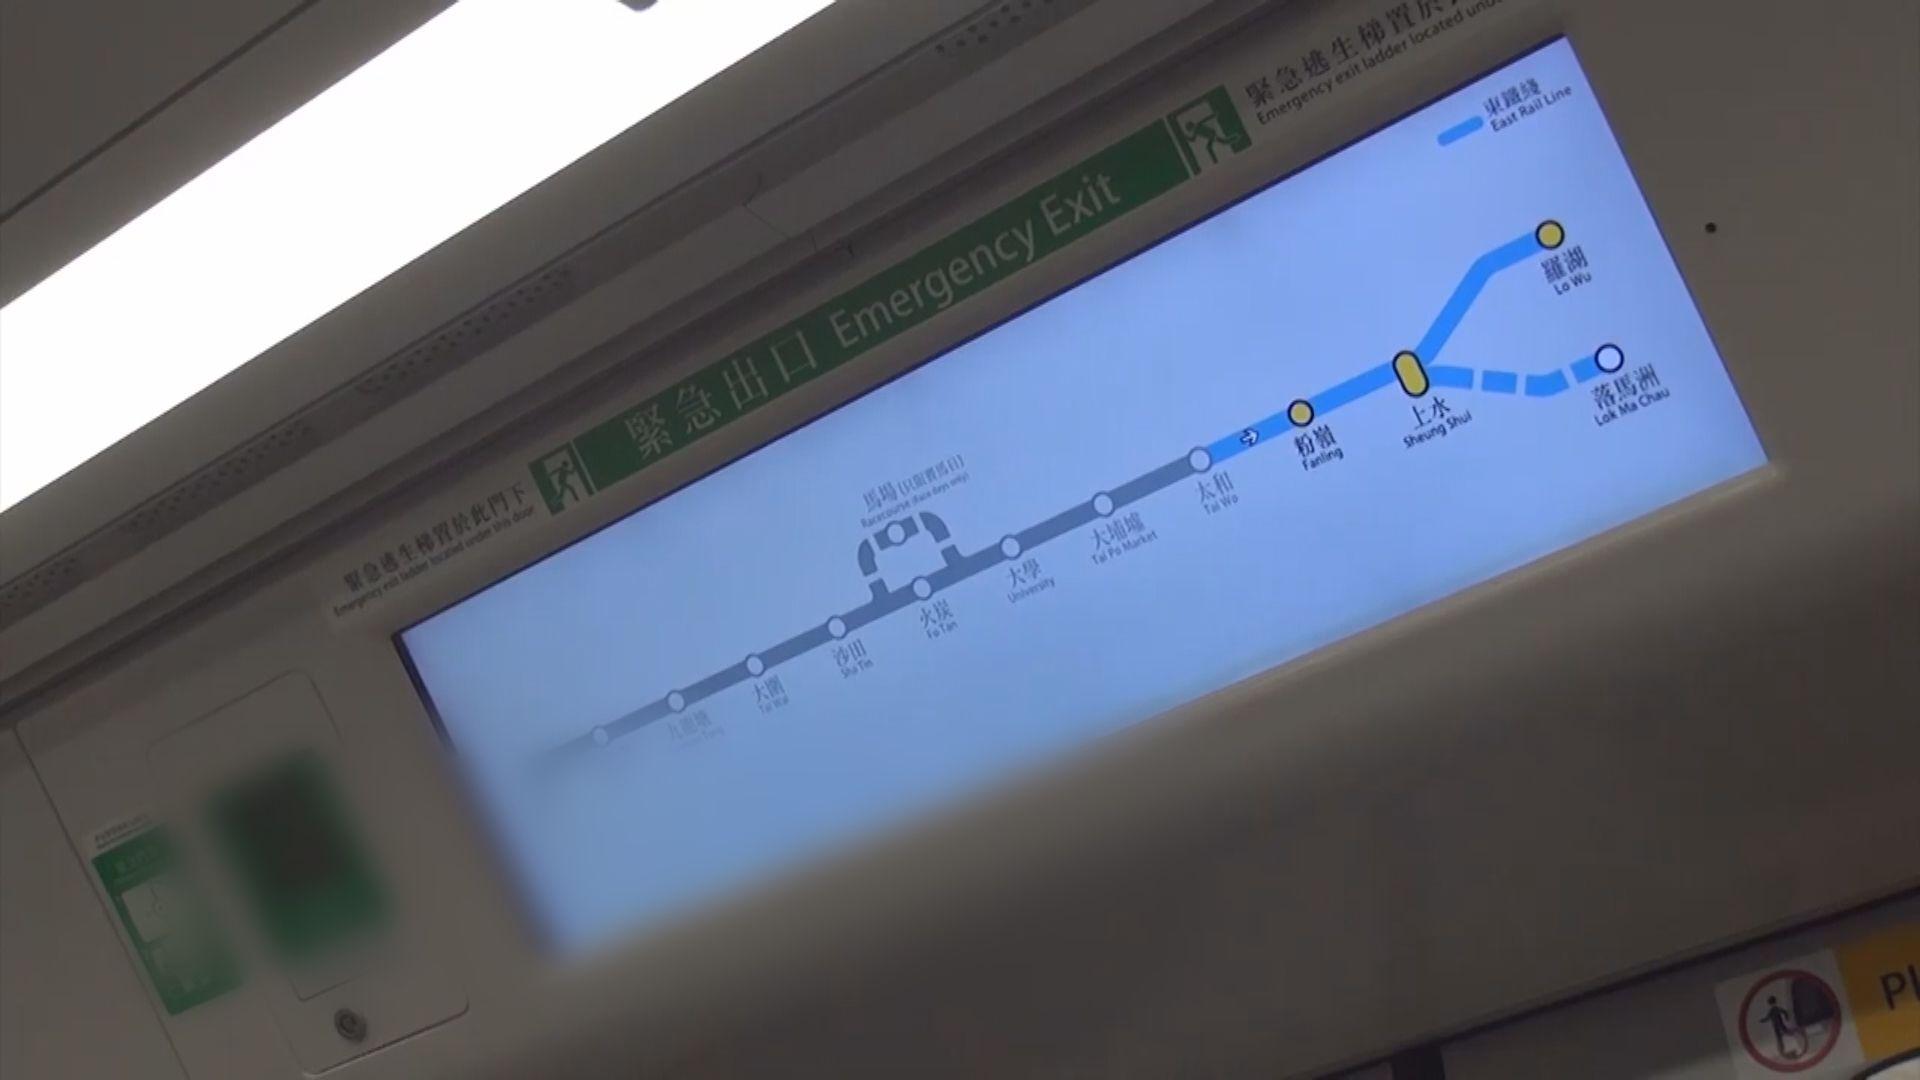 港鐵東鐵綫暫緩轉用新信號系統及新列車